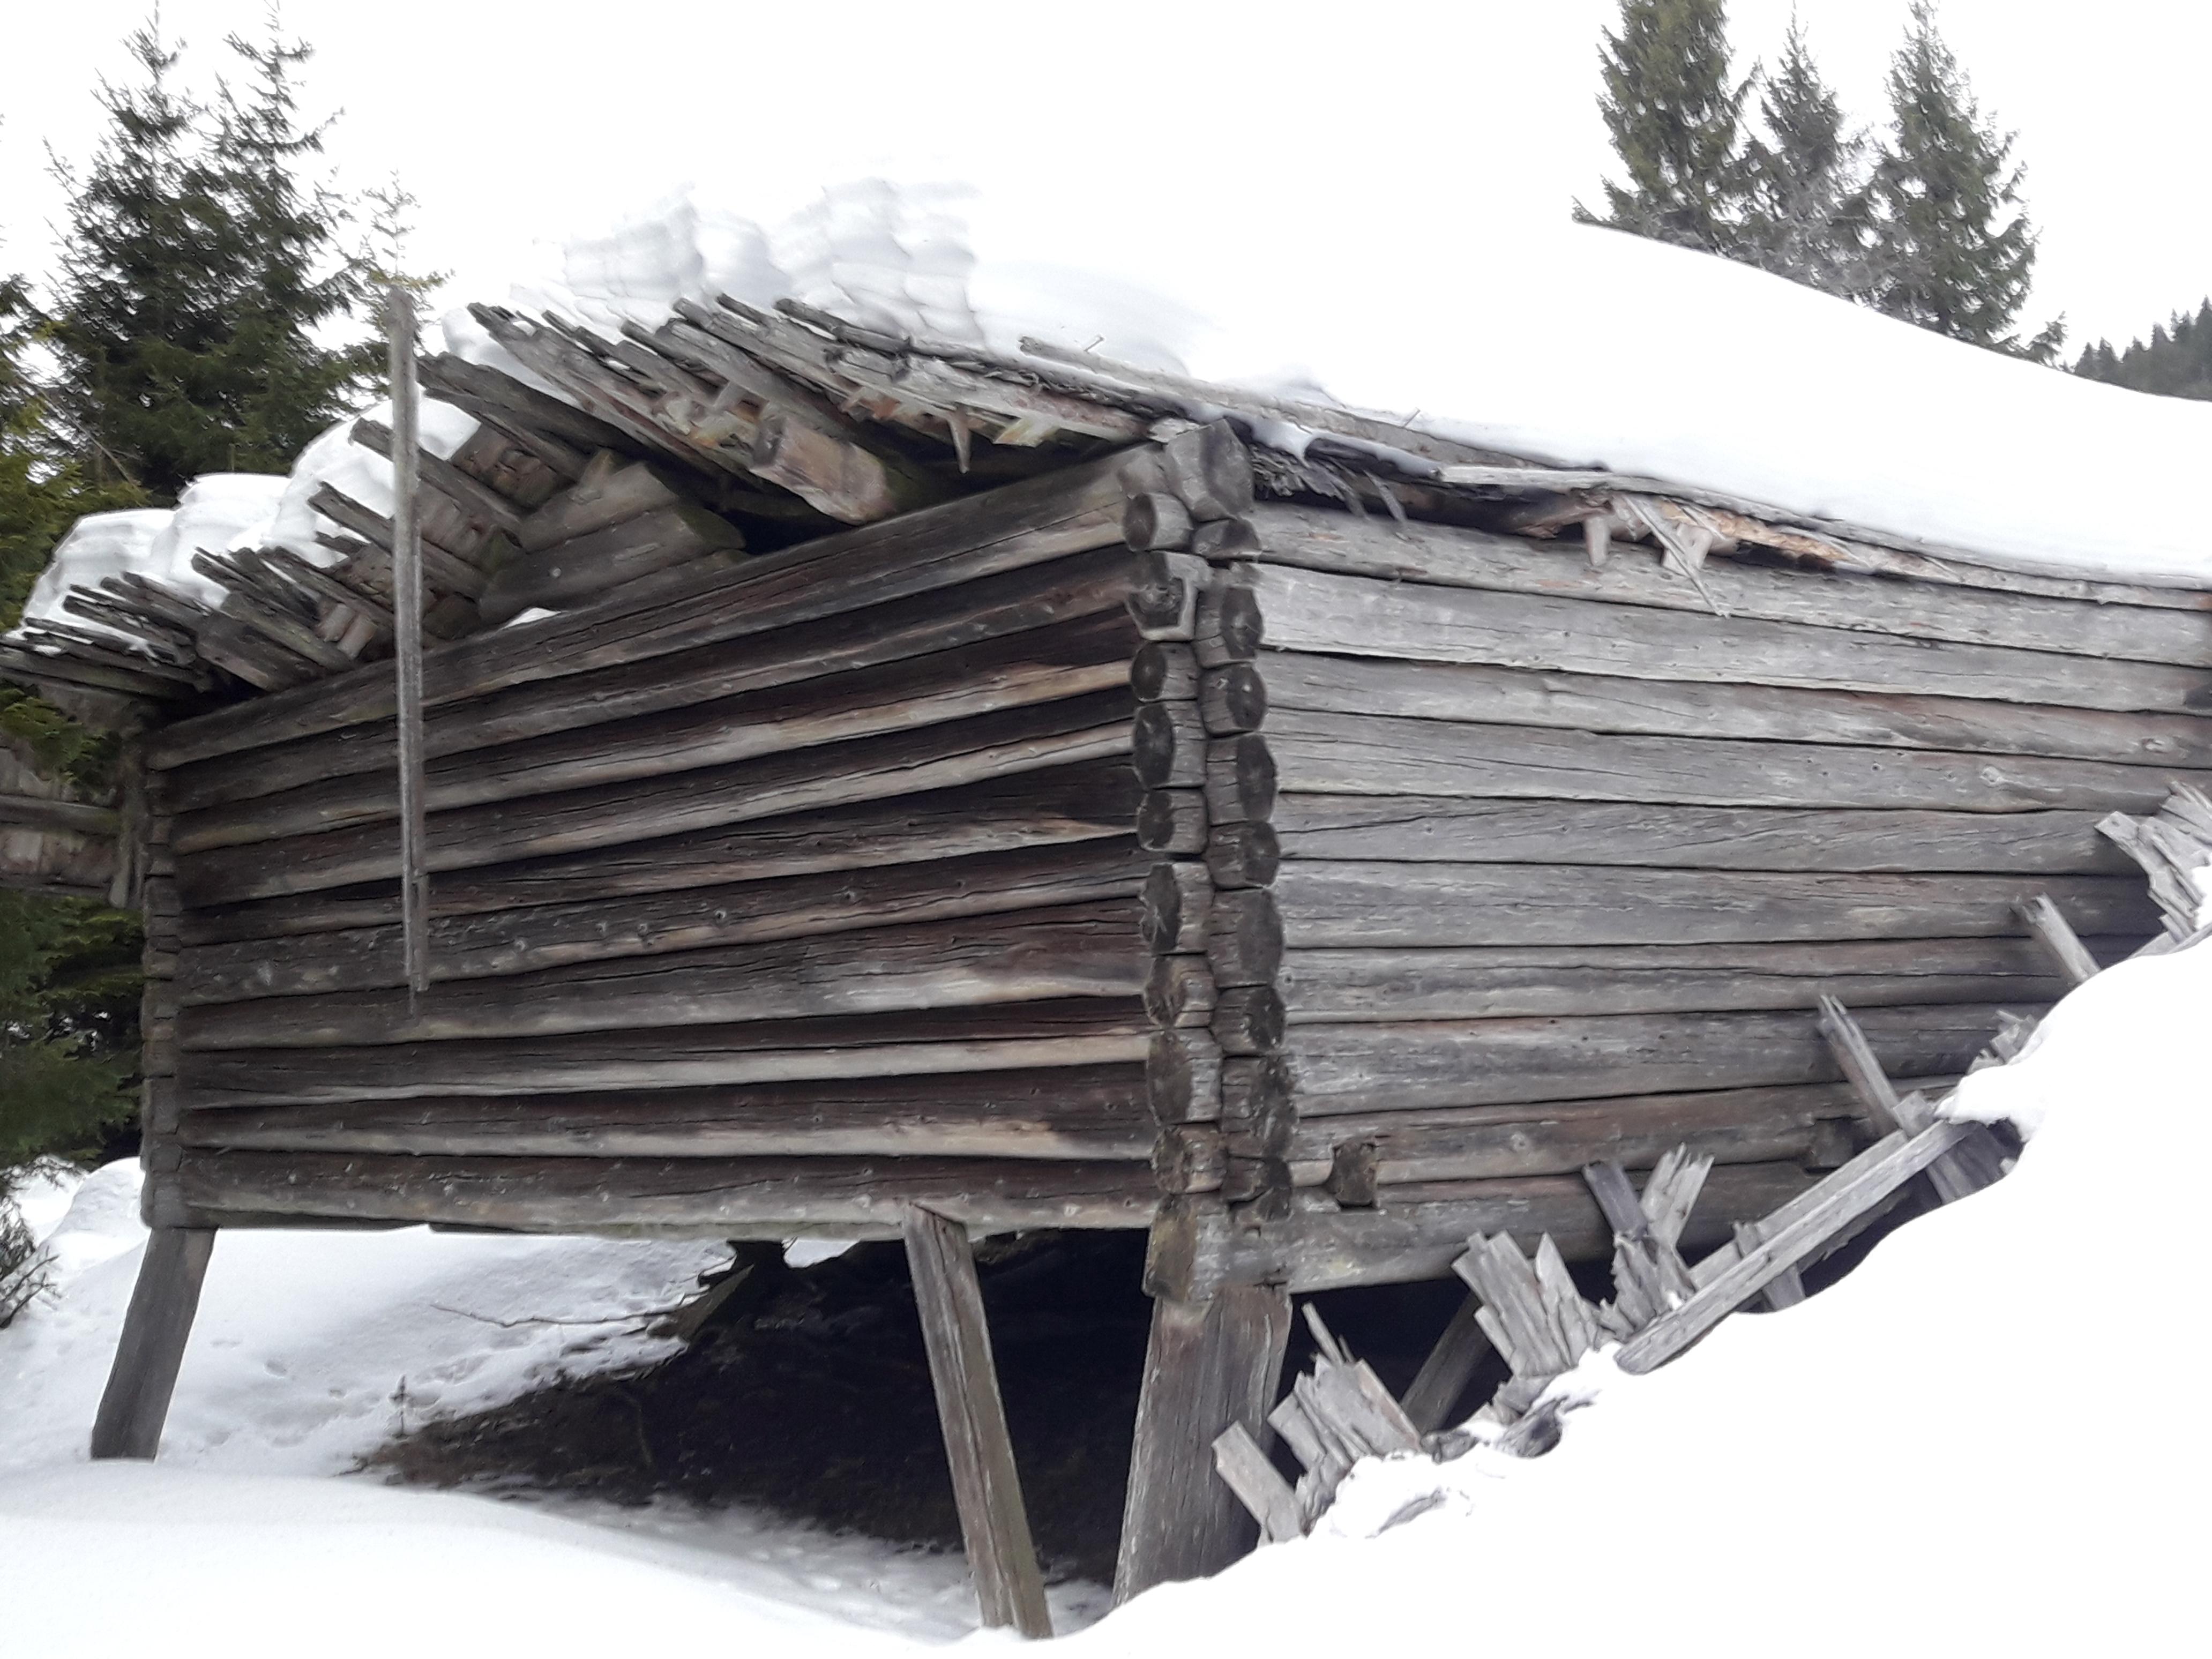 Bilde nr 1.Løa vinteren 2019